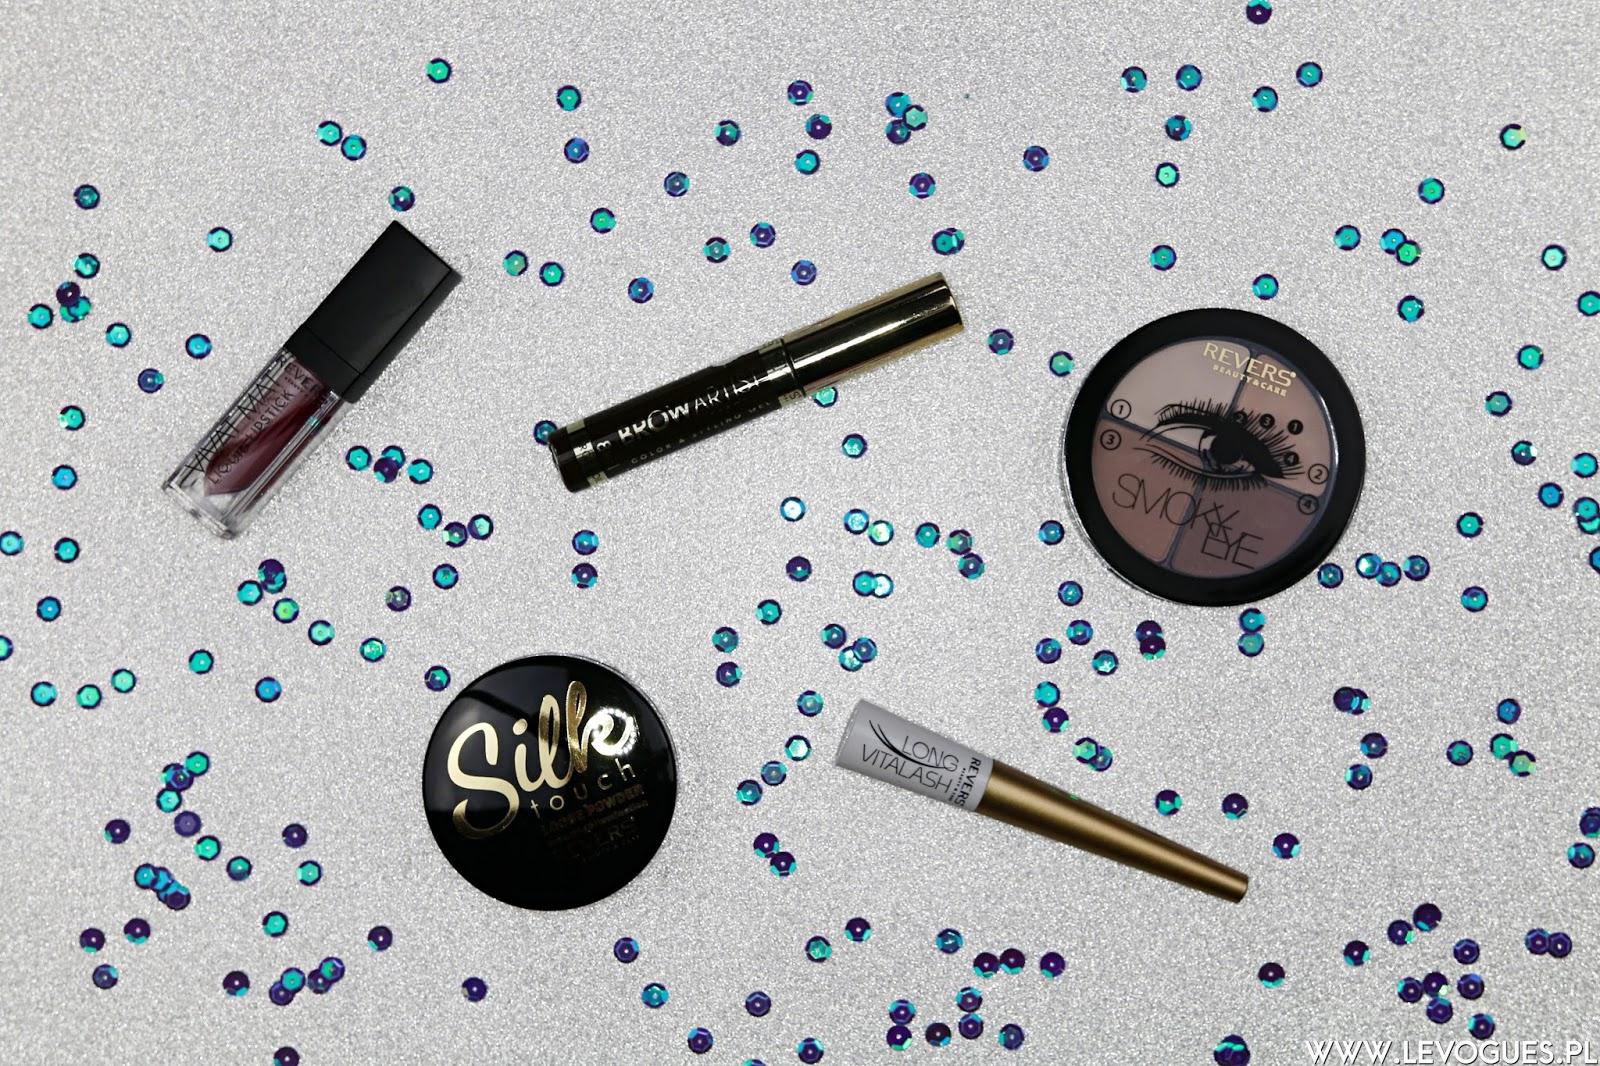 Revers Cosmetics recenzja opinie